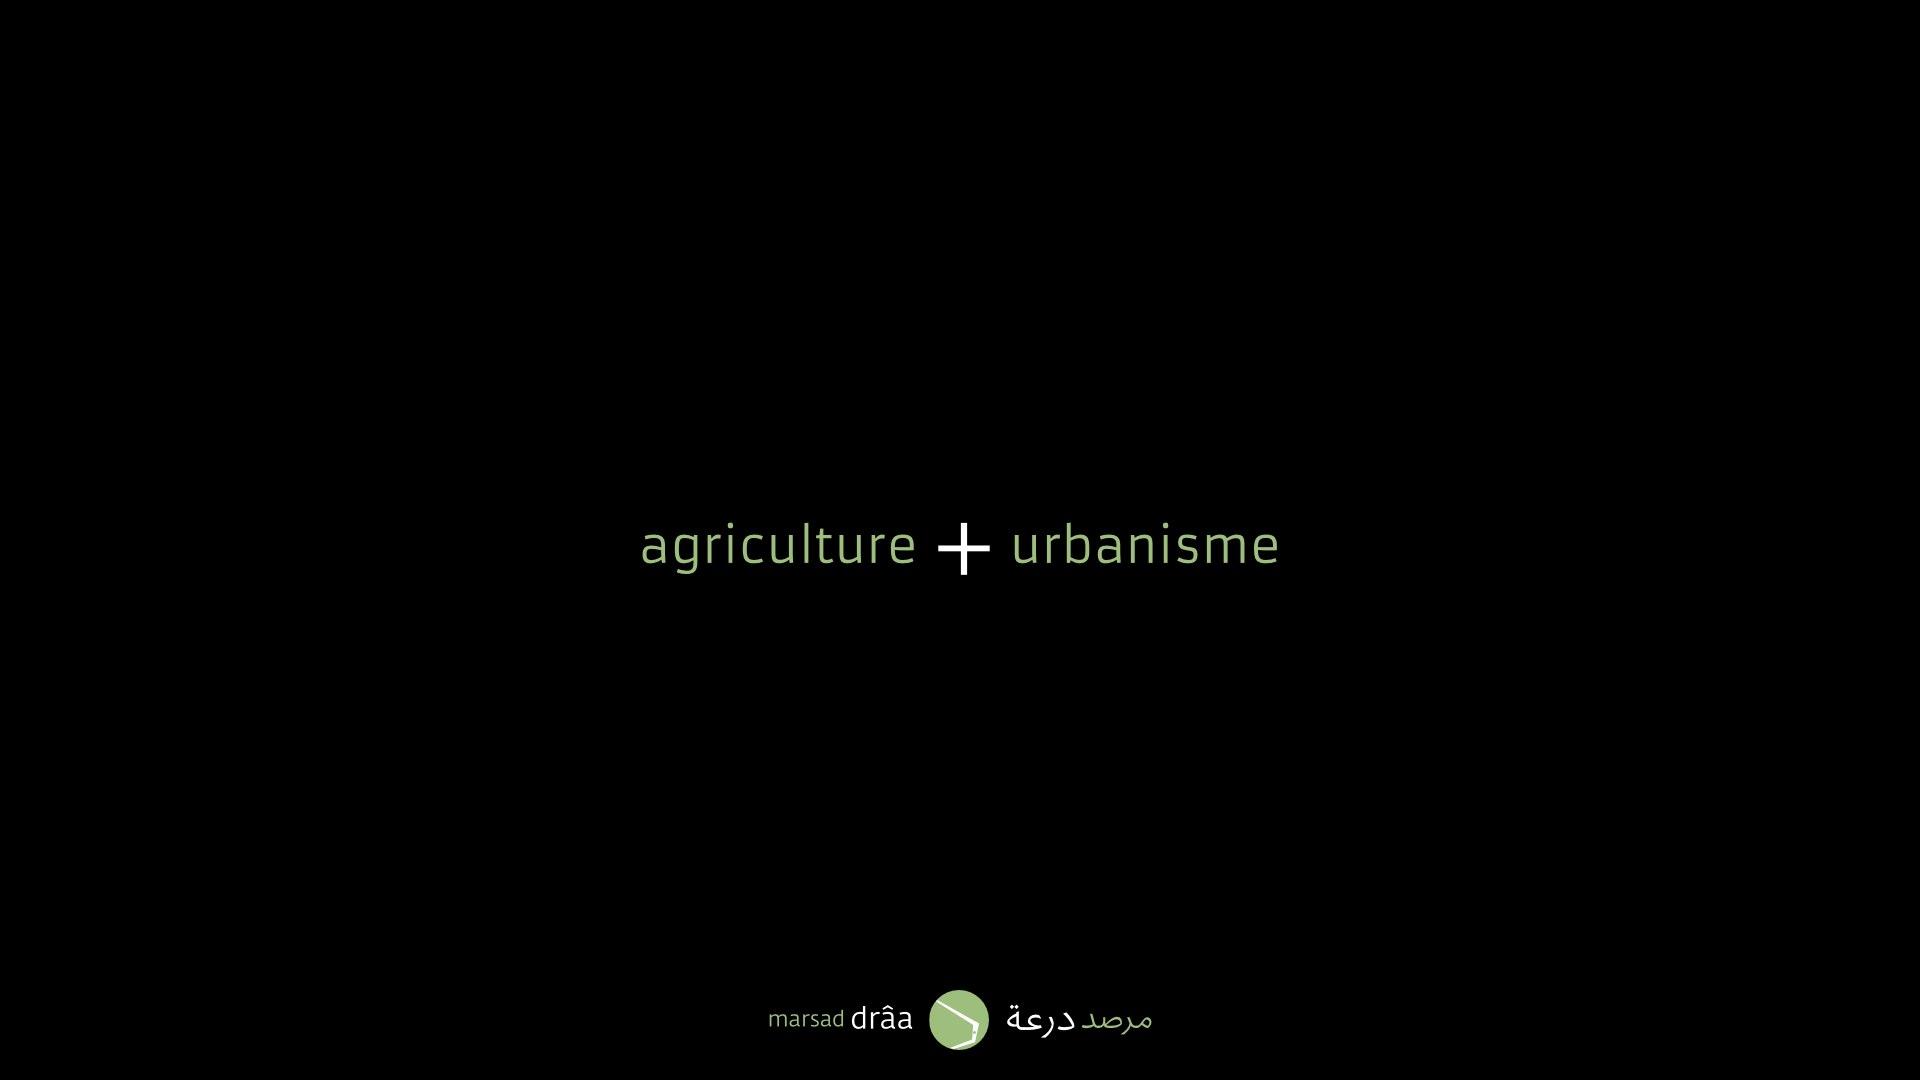 Par ailleurs, la manque de coordination entre les différents ministères impliqués et de collaboration entre les différents chercheurs, n'aide pas à proposer et mettre en place des solutions aux problématiques des oasis. Chez Marsad Drâa, nous pensons que l'agriculture et l'urbanisme peuvent être complémentaires à l'heure de se protéger contre la désertification.